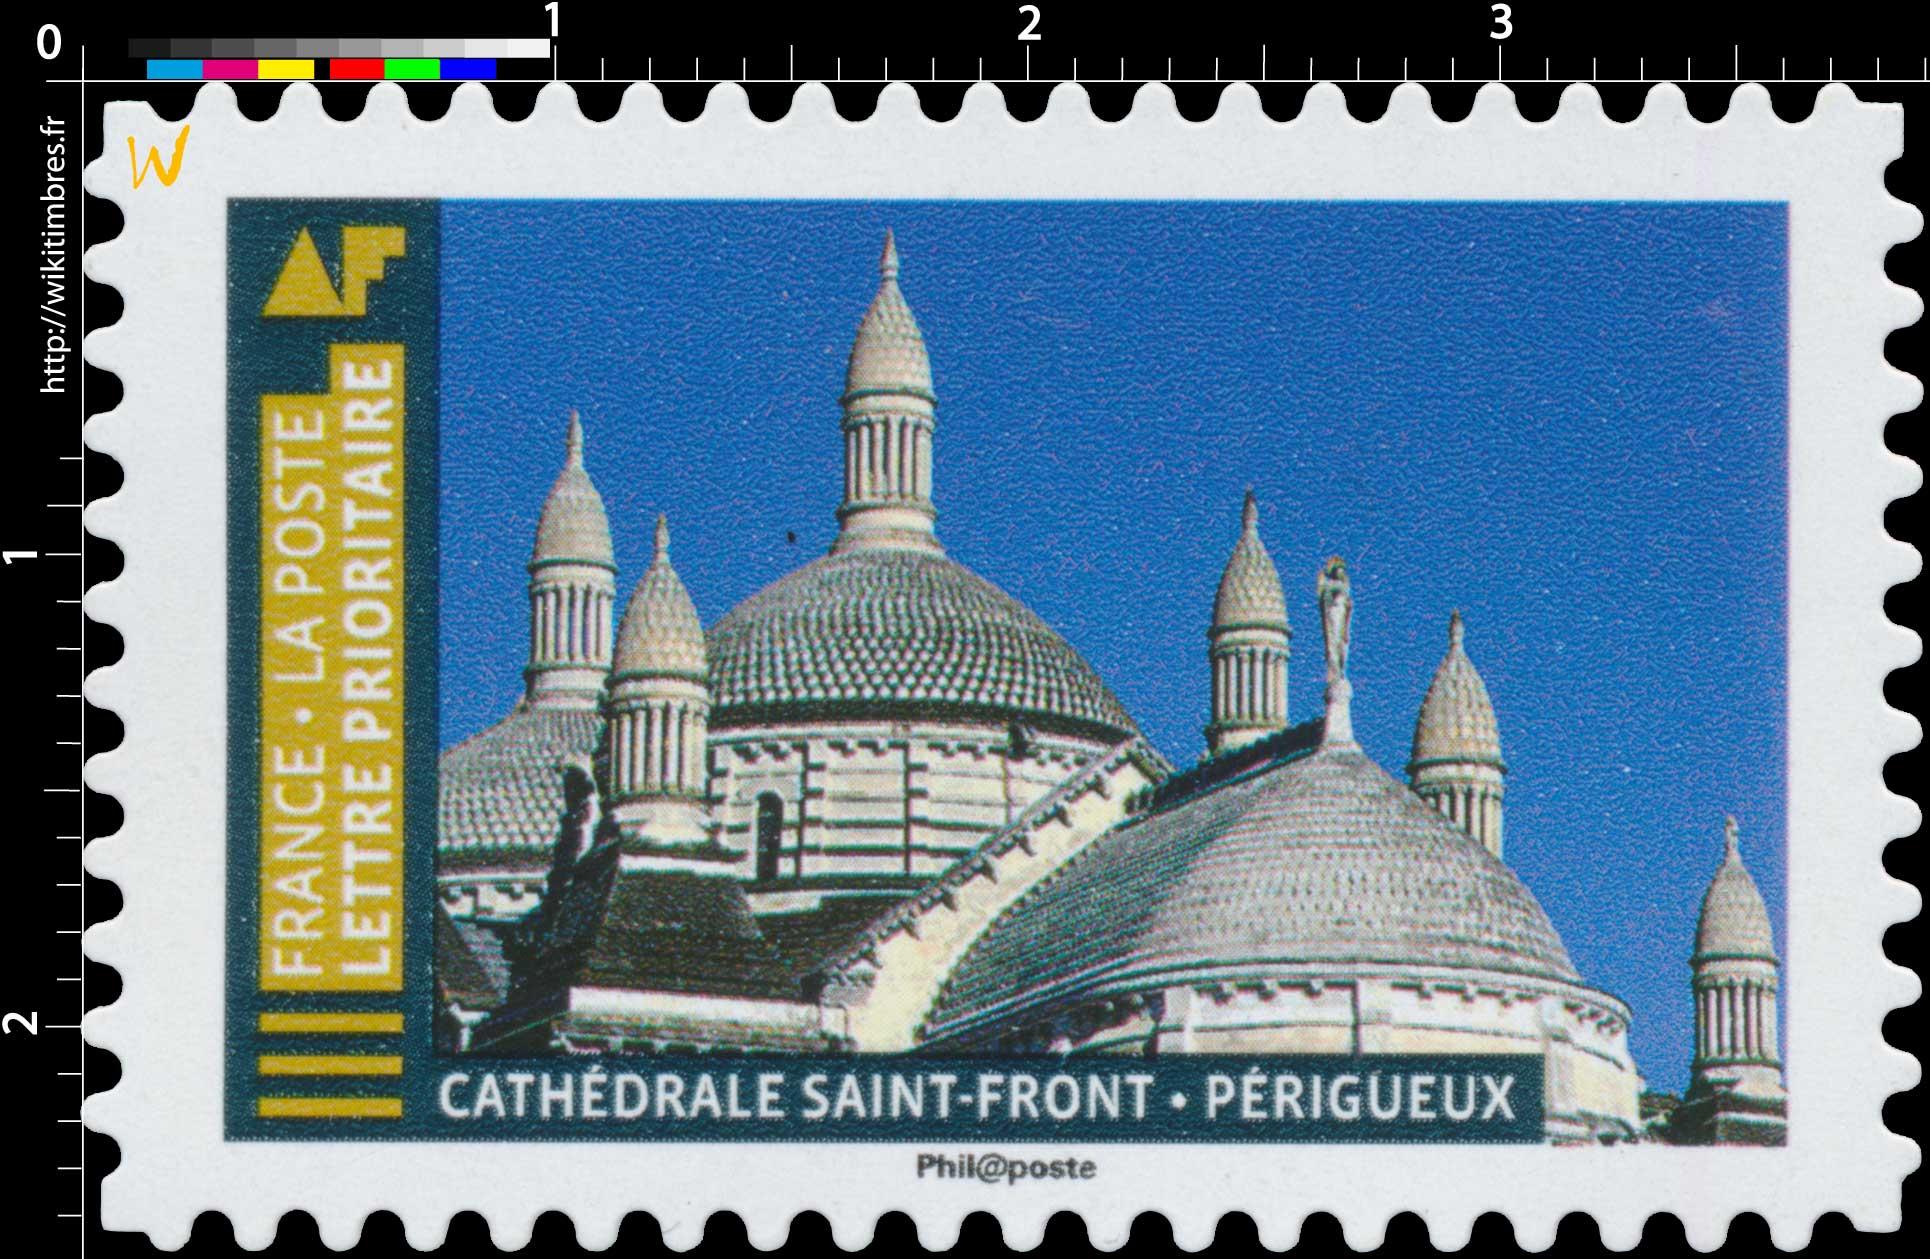 2019 Cathédrale Saint-Front - Périgueux